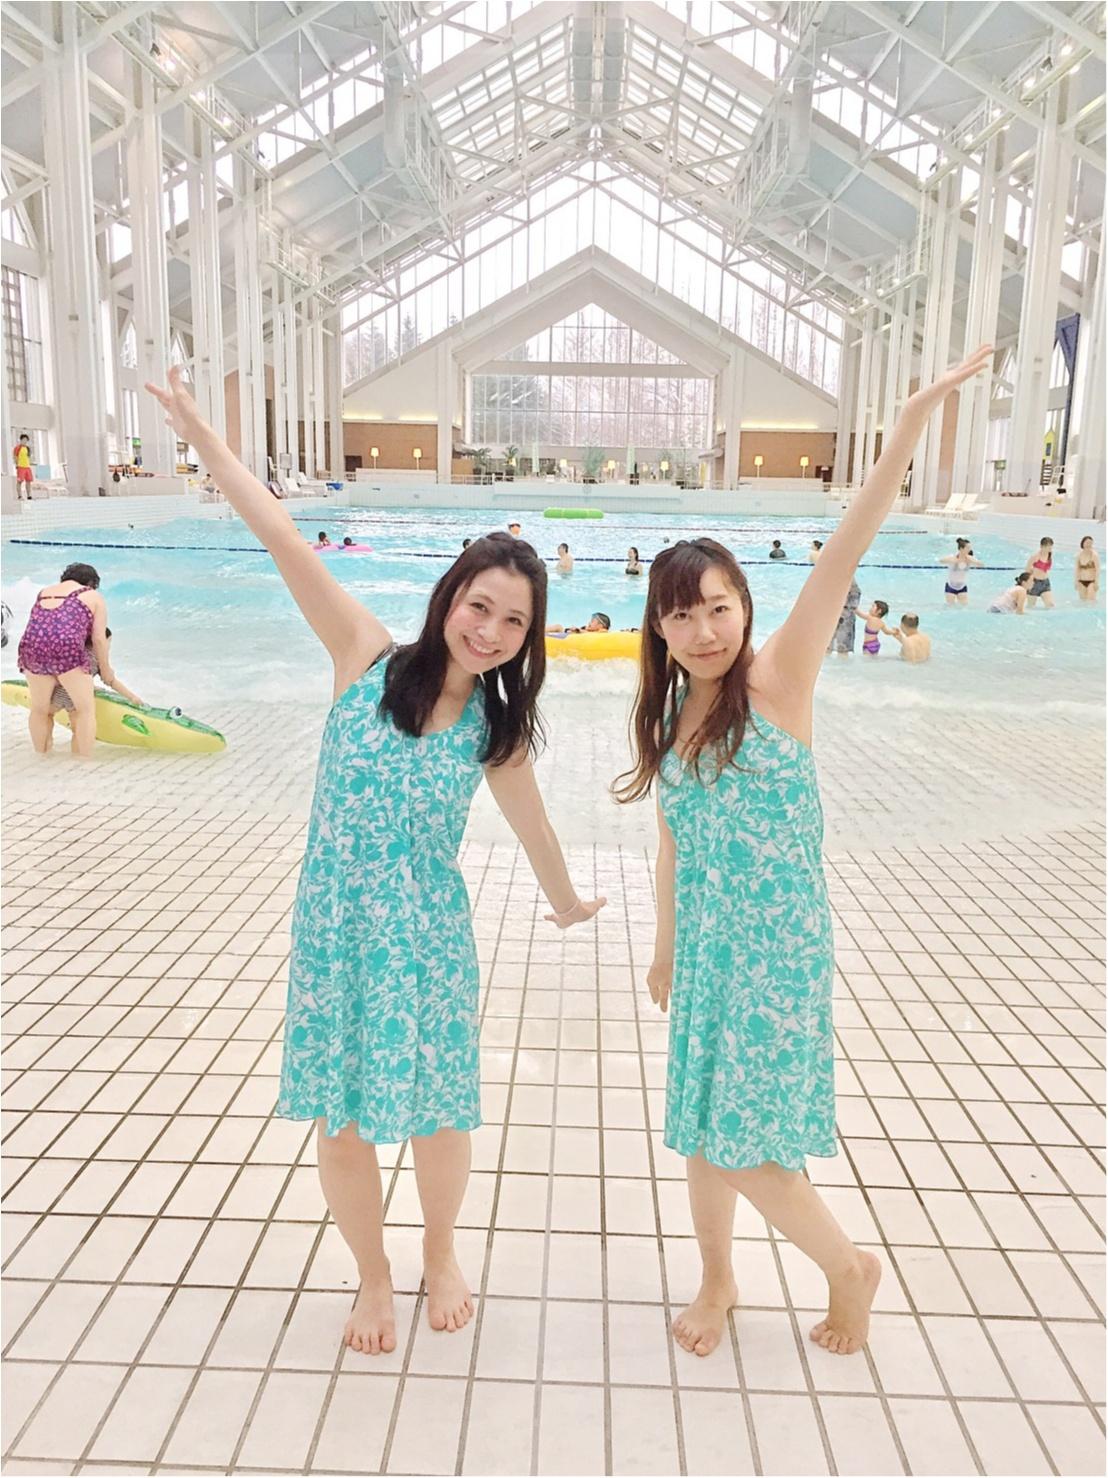 《滑れなくても楽しめる!?》新感覚スノーリゾート「星野リゾート トマム」で北海道を満喫する5つの方法♡_9